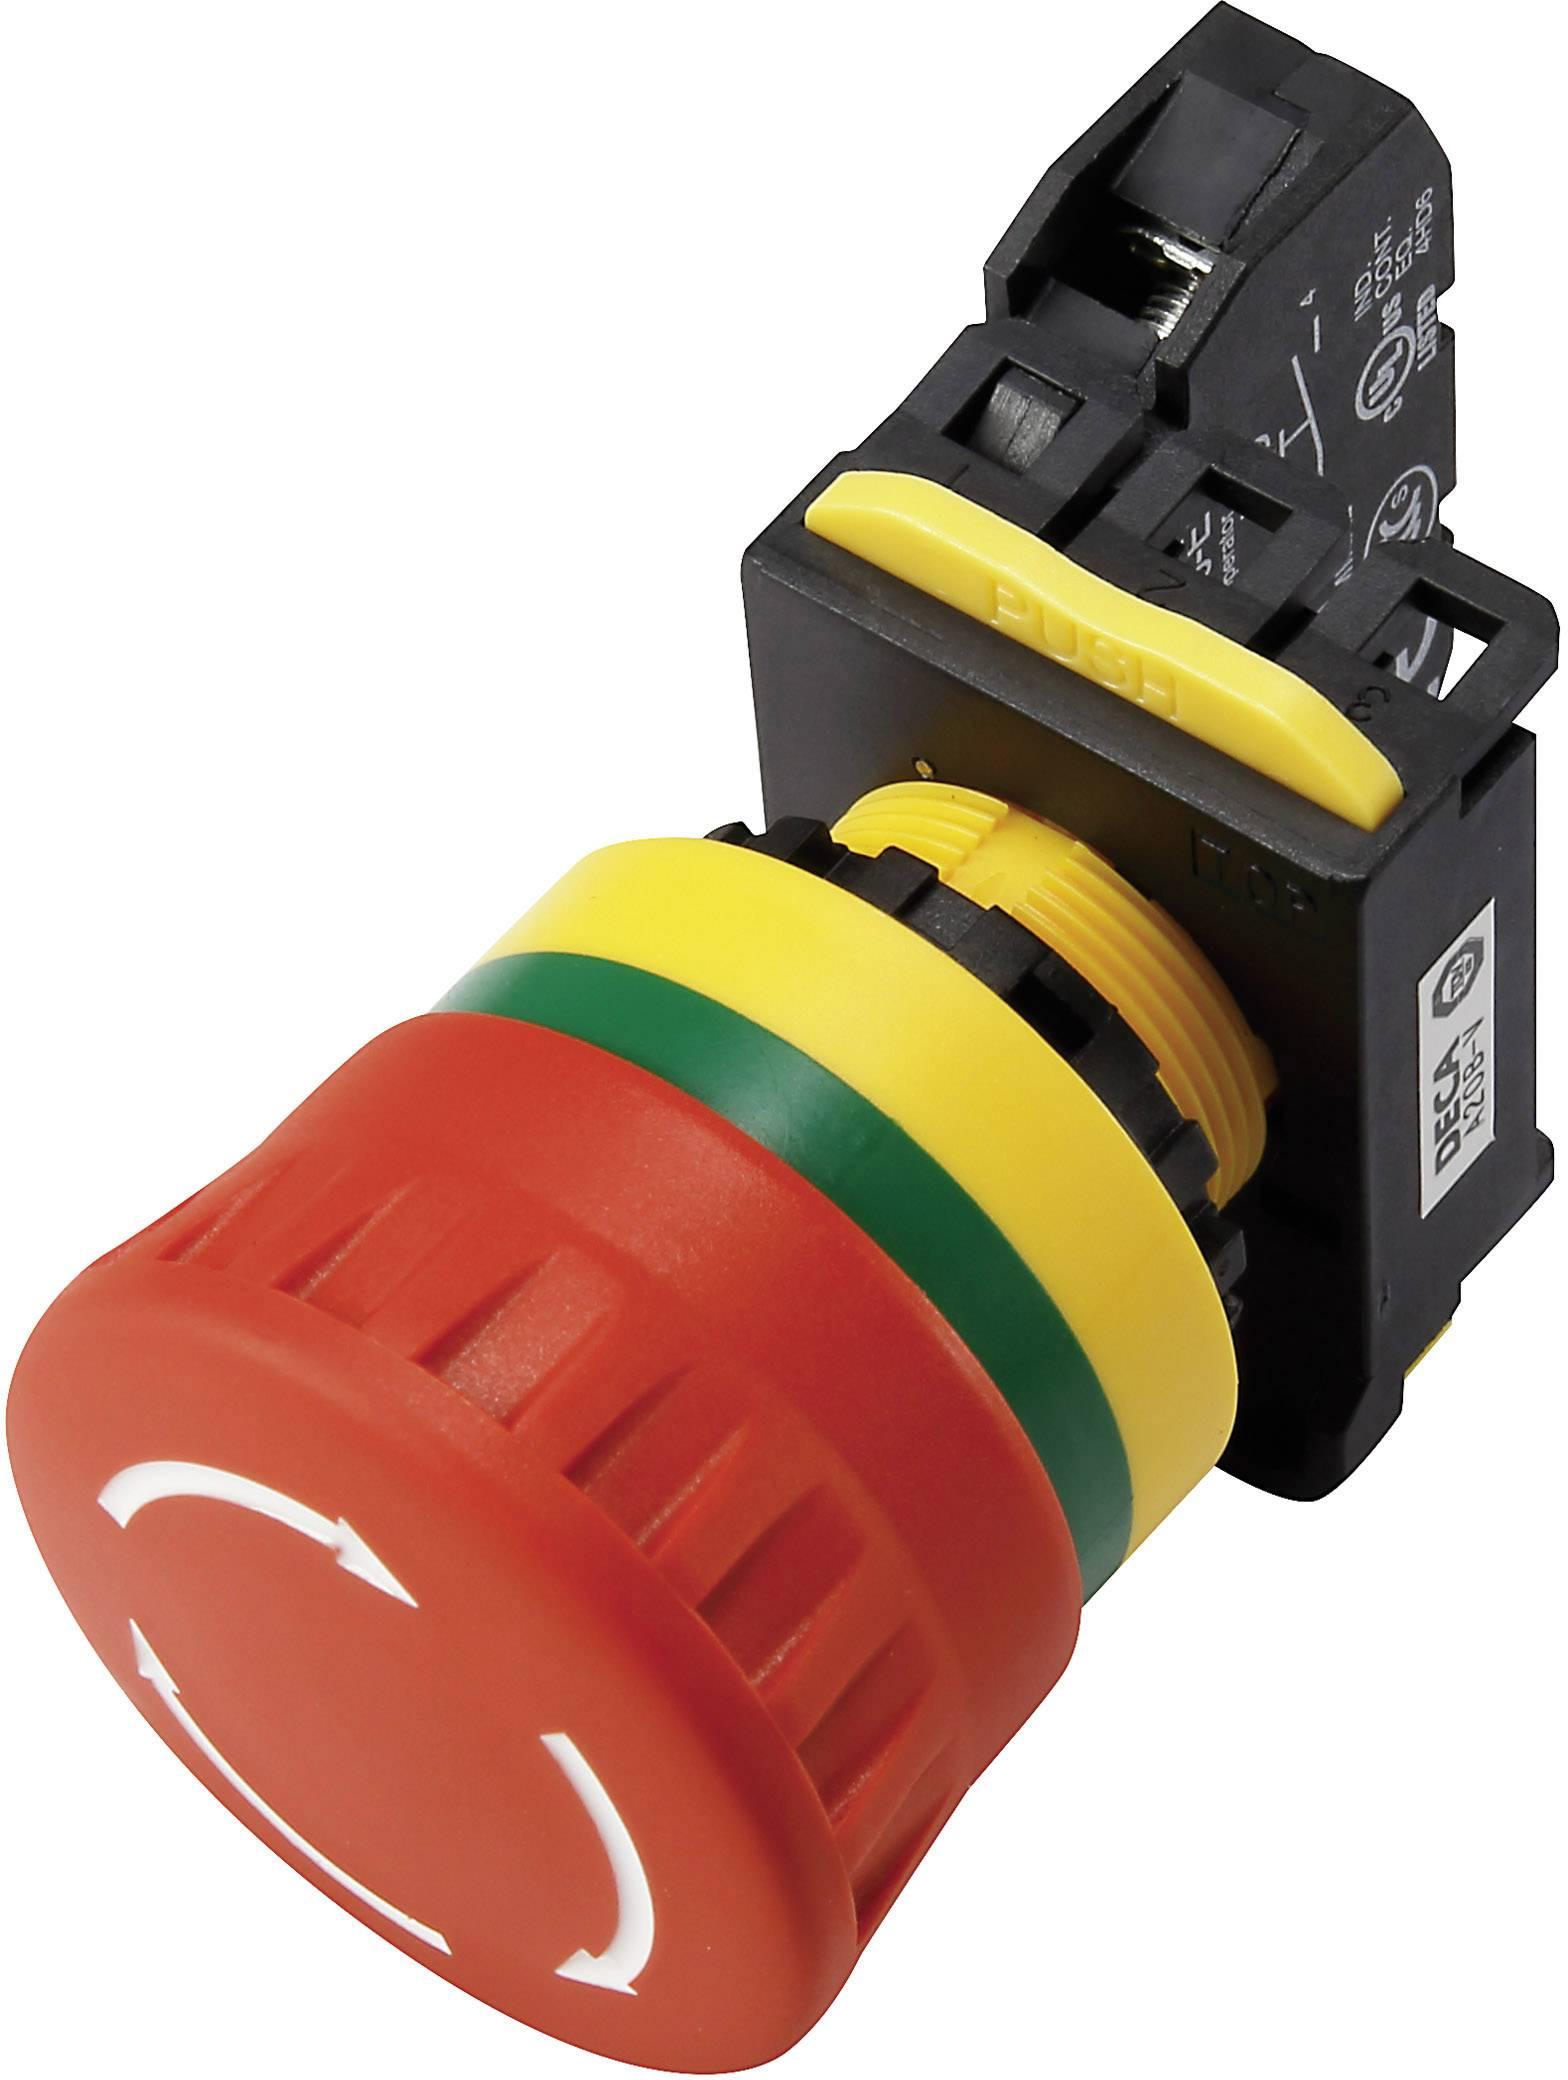 Núdzový vypínač s kontaktným prvkom DECA A20B-V4E21R, 240 V/AC, 6 A